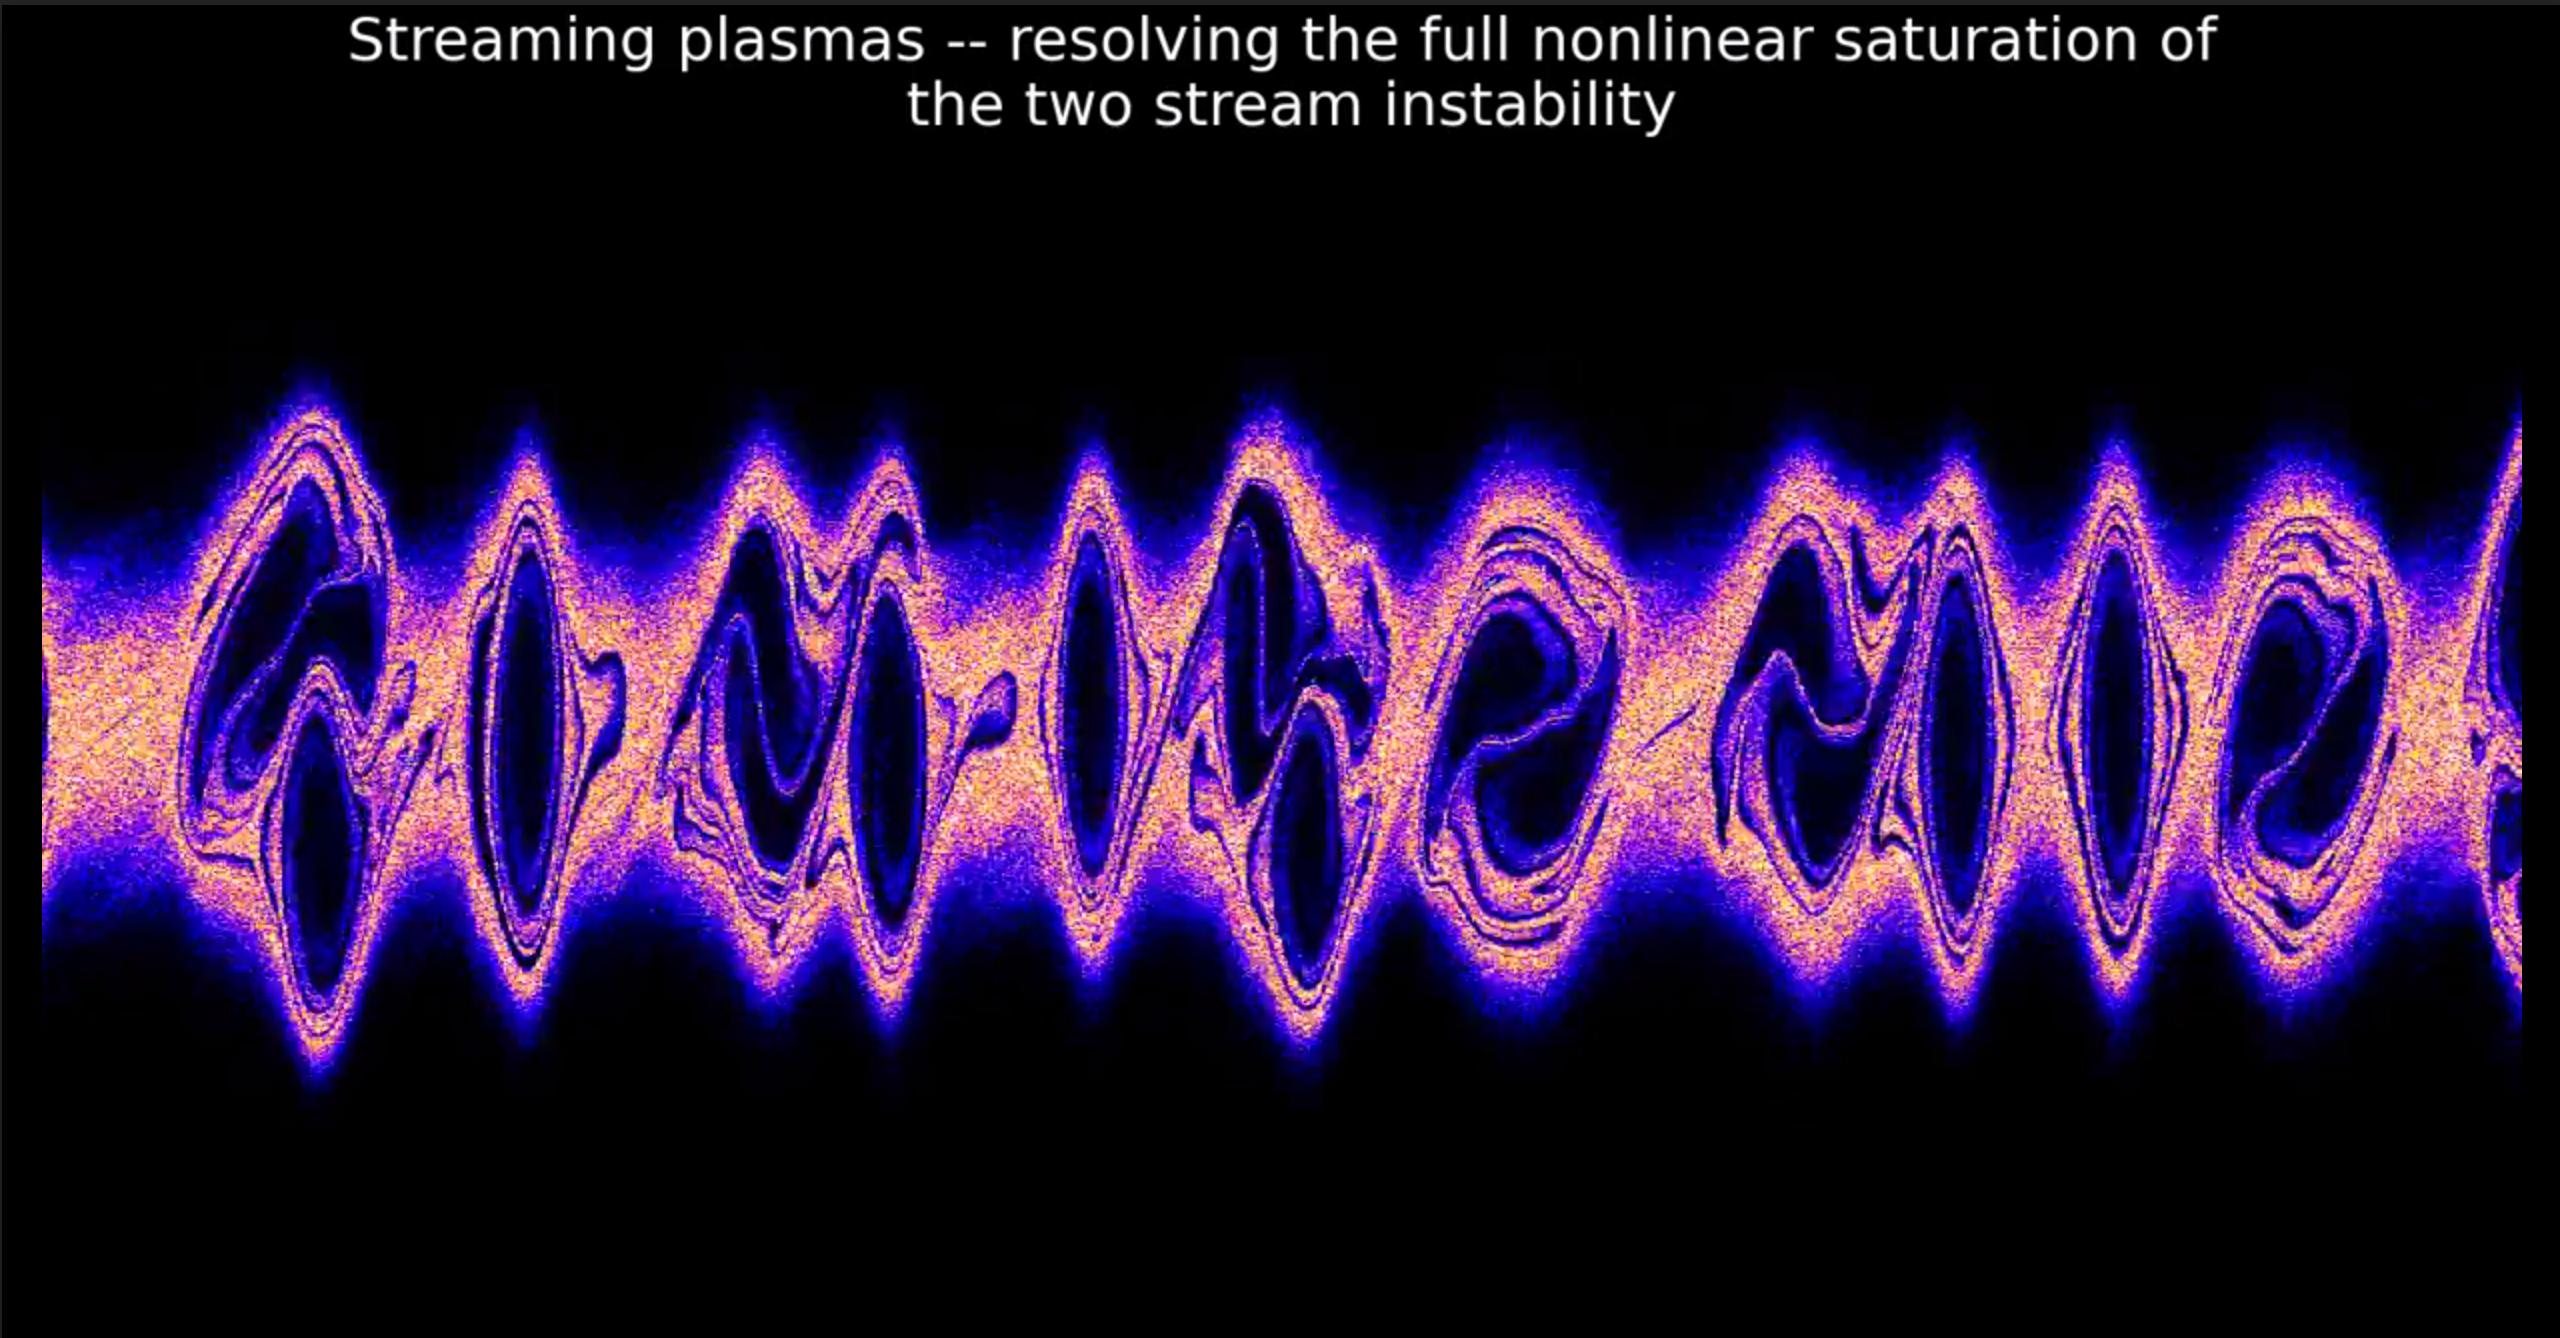 Kinetische simulation eines gegenströmenden Plasmas, die die   nichtlineare Sättigung der Zweistrohm-Instabilität voll auflöst (Shalaby et   al. 2017).